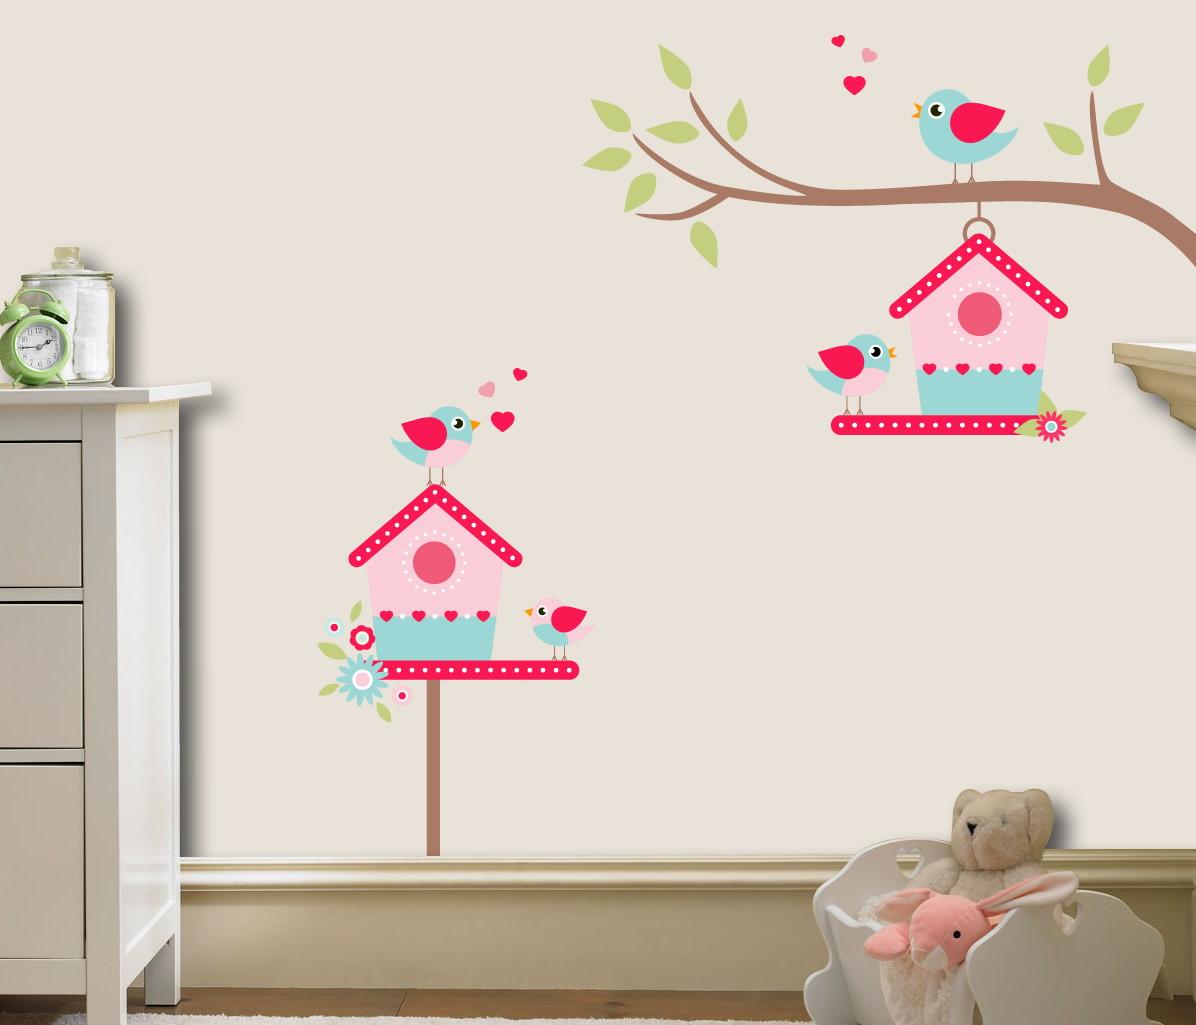 Adesivo De Piso Madeira ~ adesivo infantil casinha de passarinhos no Elo7 Quarto de Criança Lojadecoreacasa (78CA51)